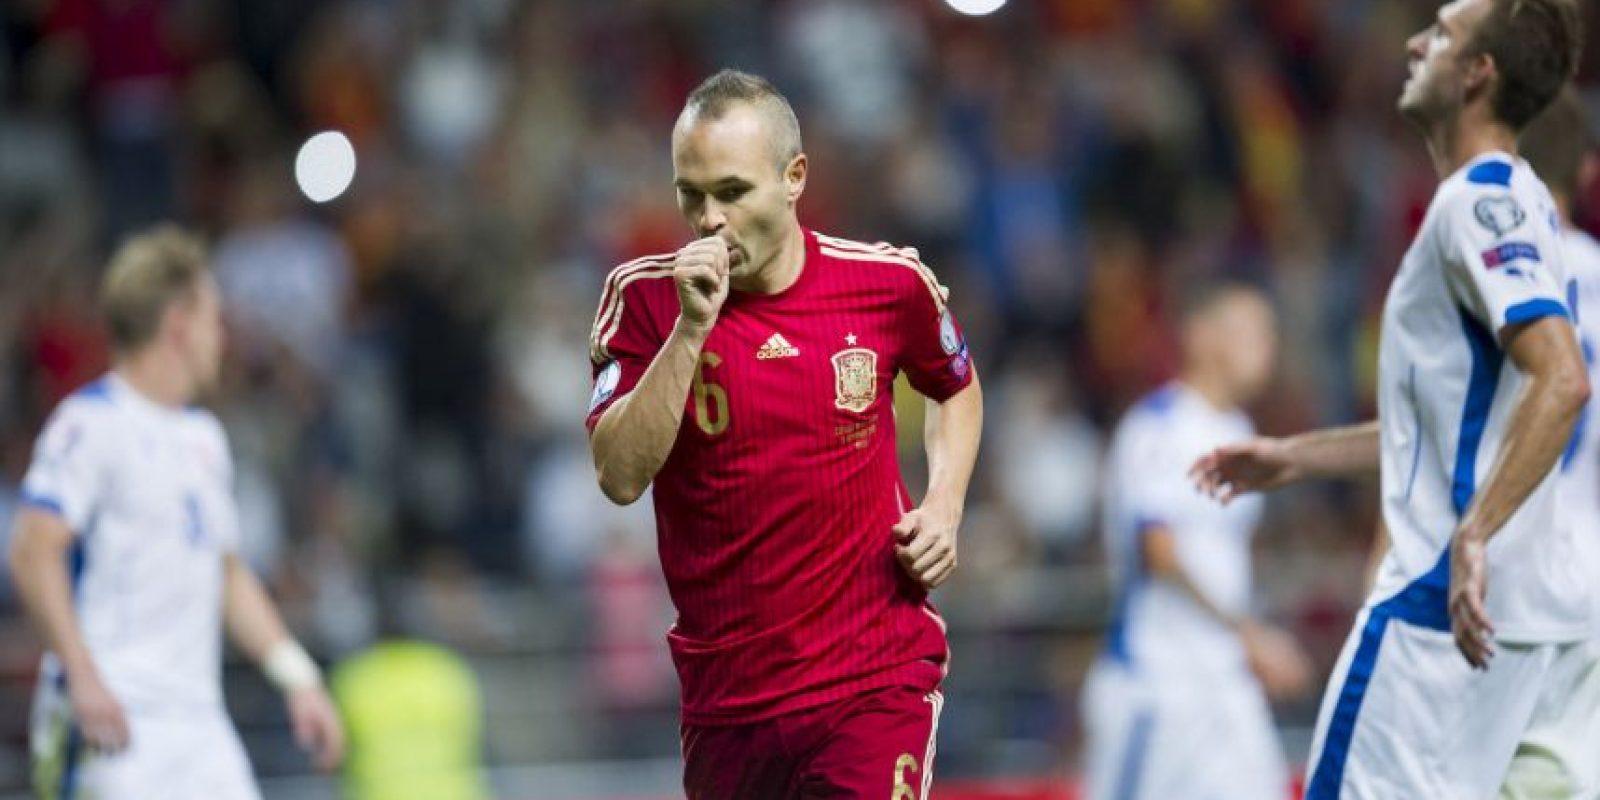 Uno de los grandes gestores del bicampeonato conseguido por España tras las Eurocopa de 2008 y 2012. Ahora va por su tercer título consecutivo en el torneo continental de selecciones del viejo continente Foto:Getty Images